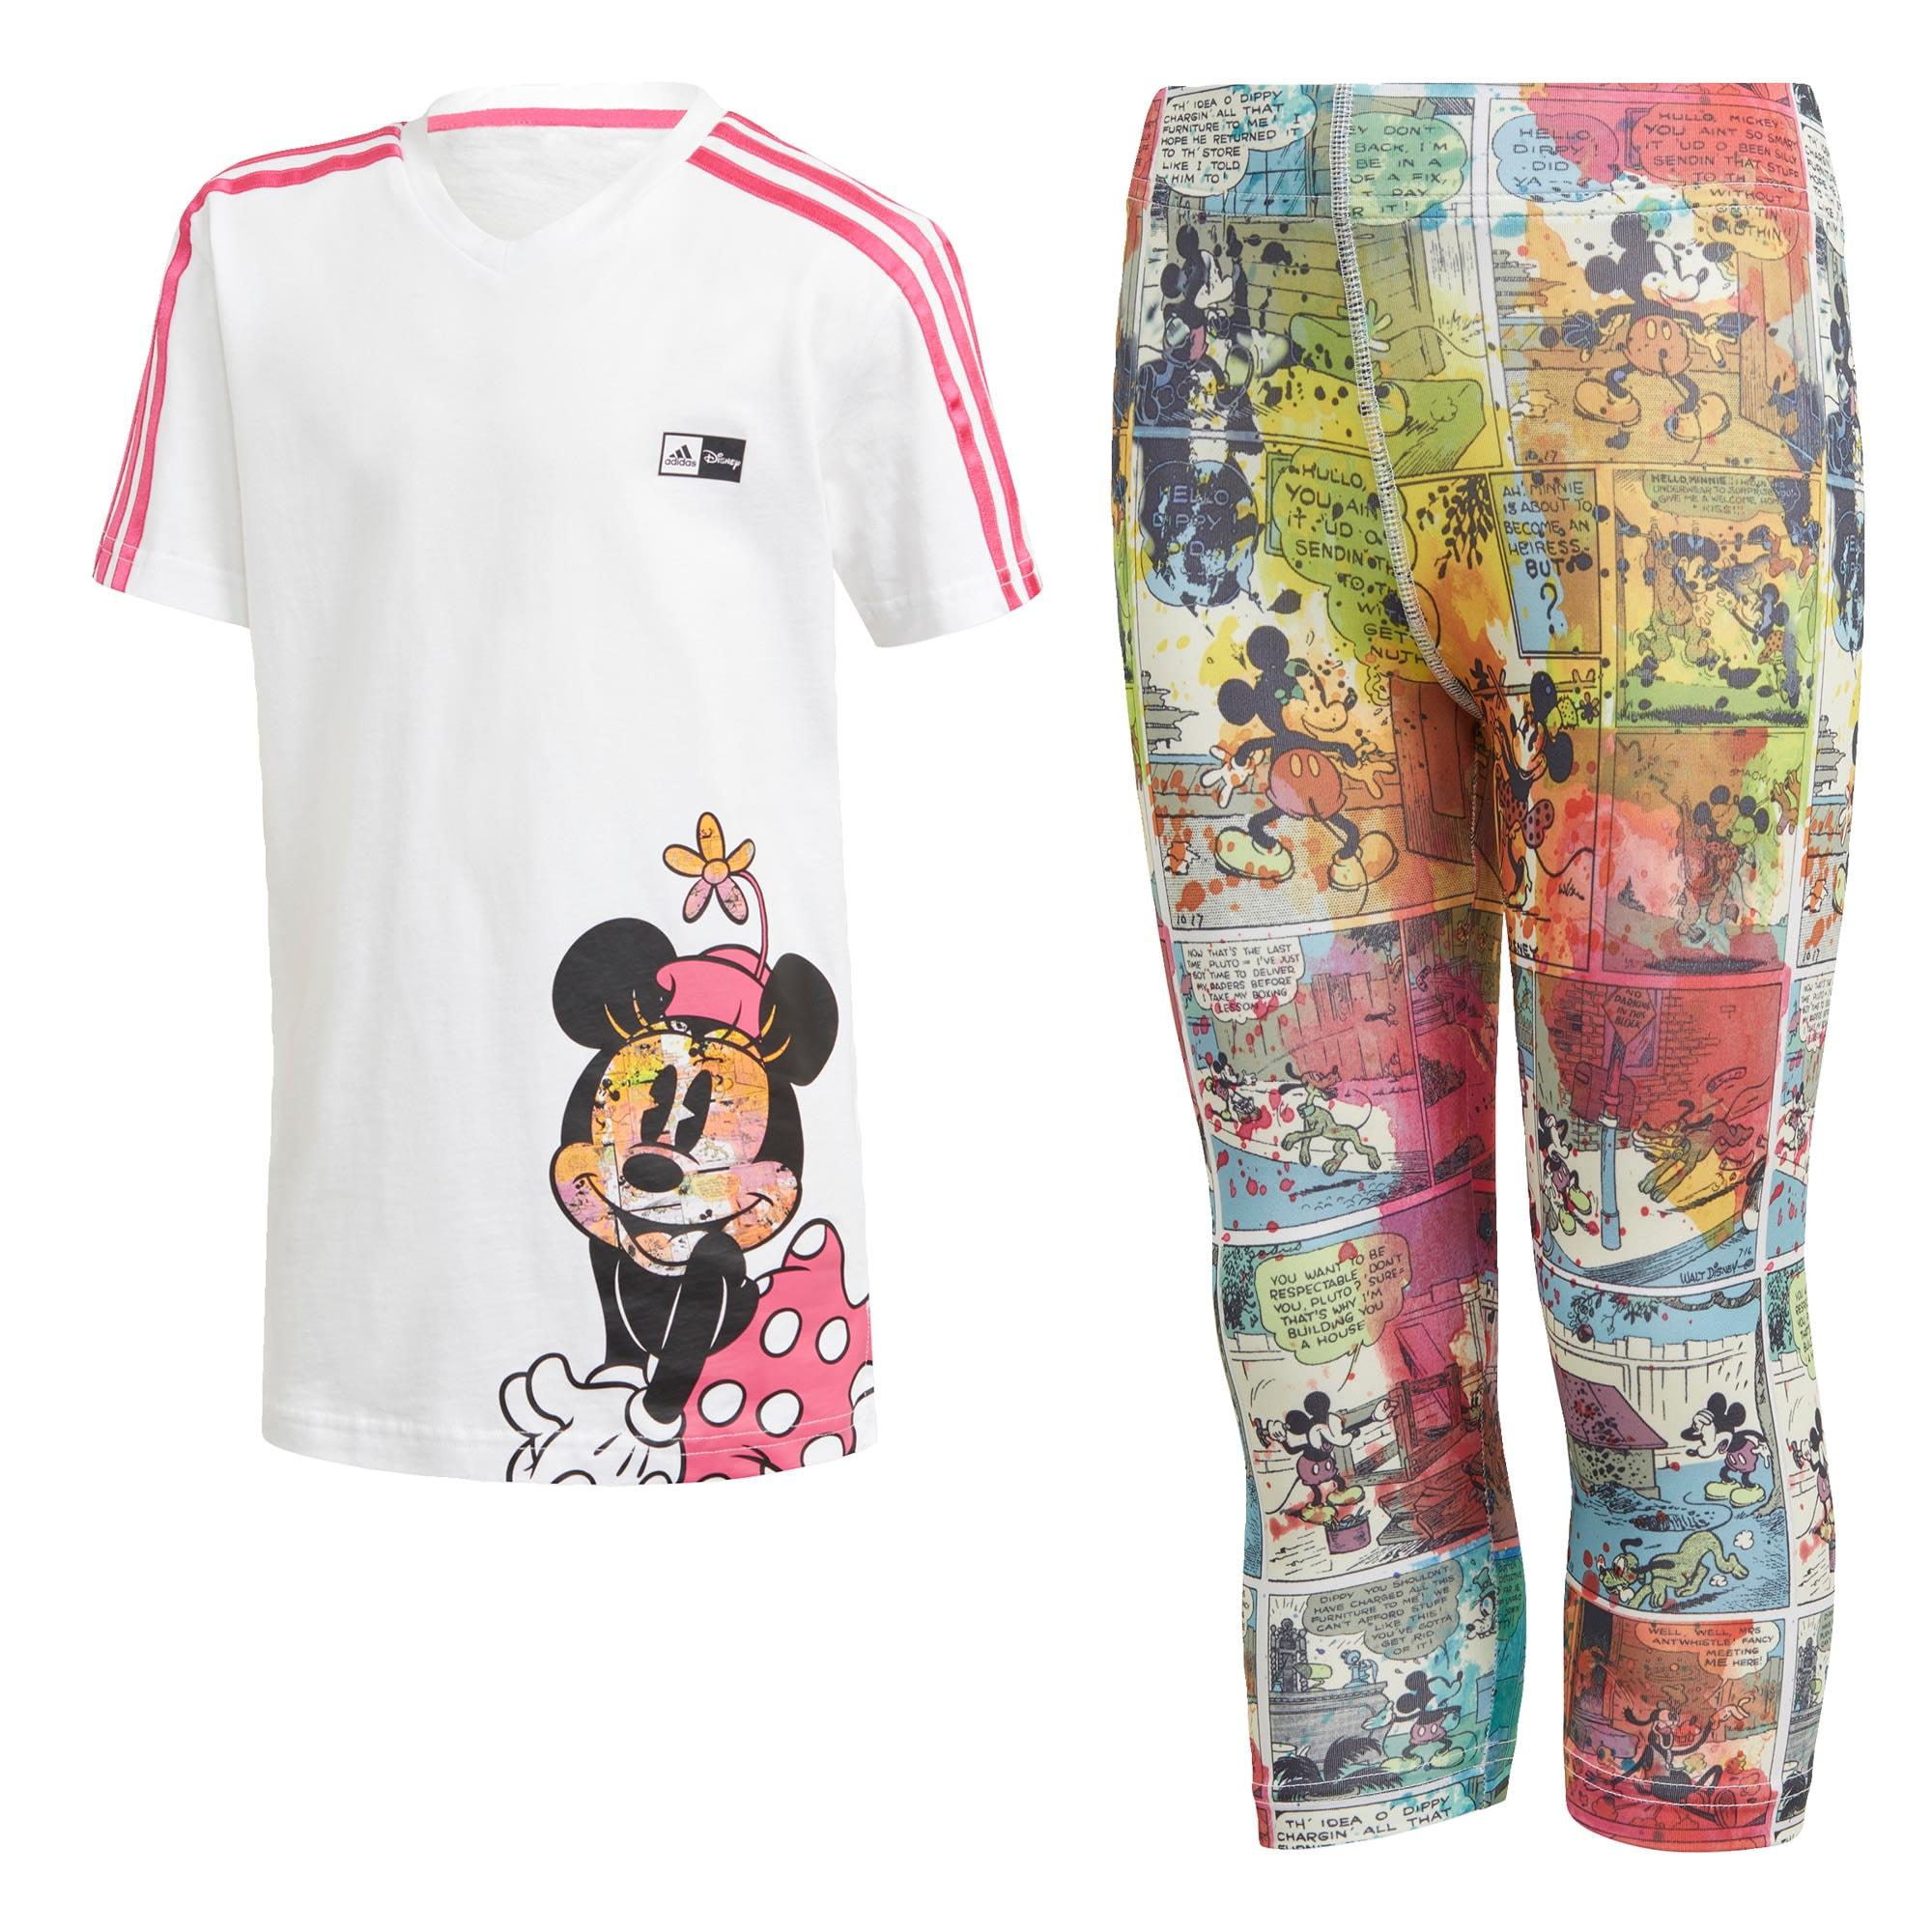 ADIDAS PERFORMANCE Treniruočių kostiumas 'Minnie Mouse' balta / mišrios spalvos / rožinė